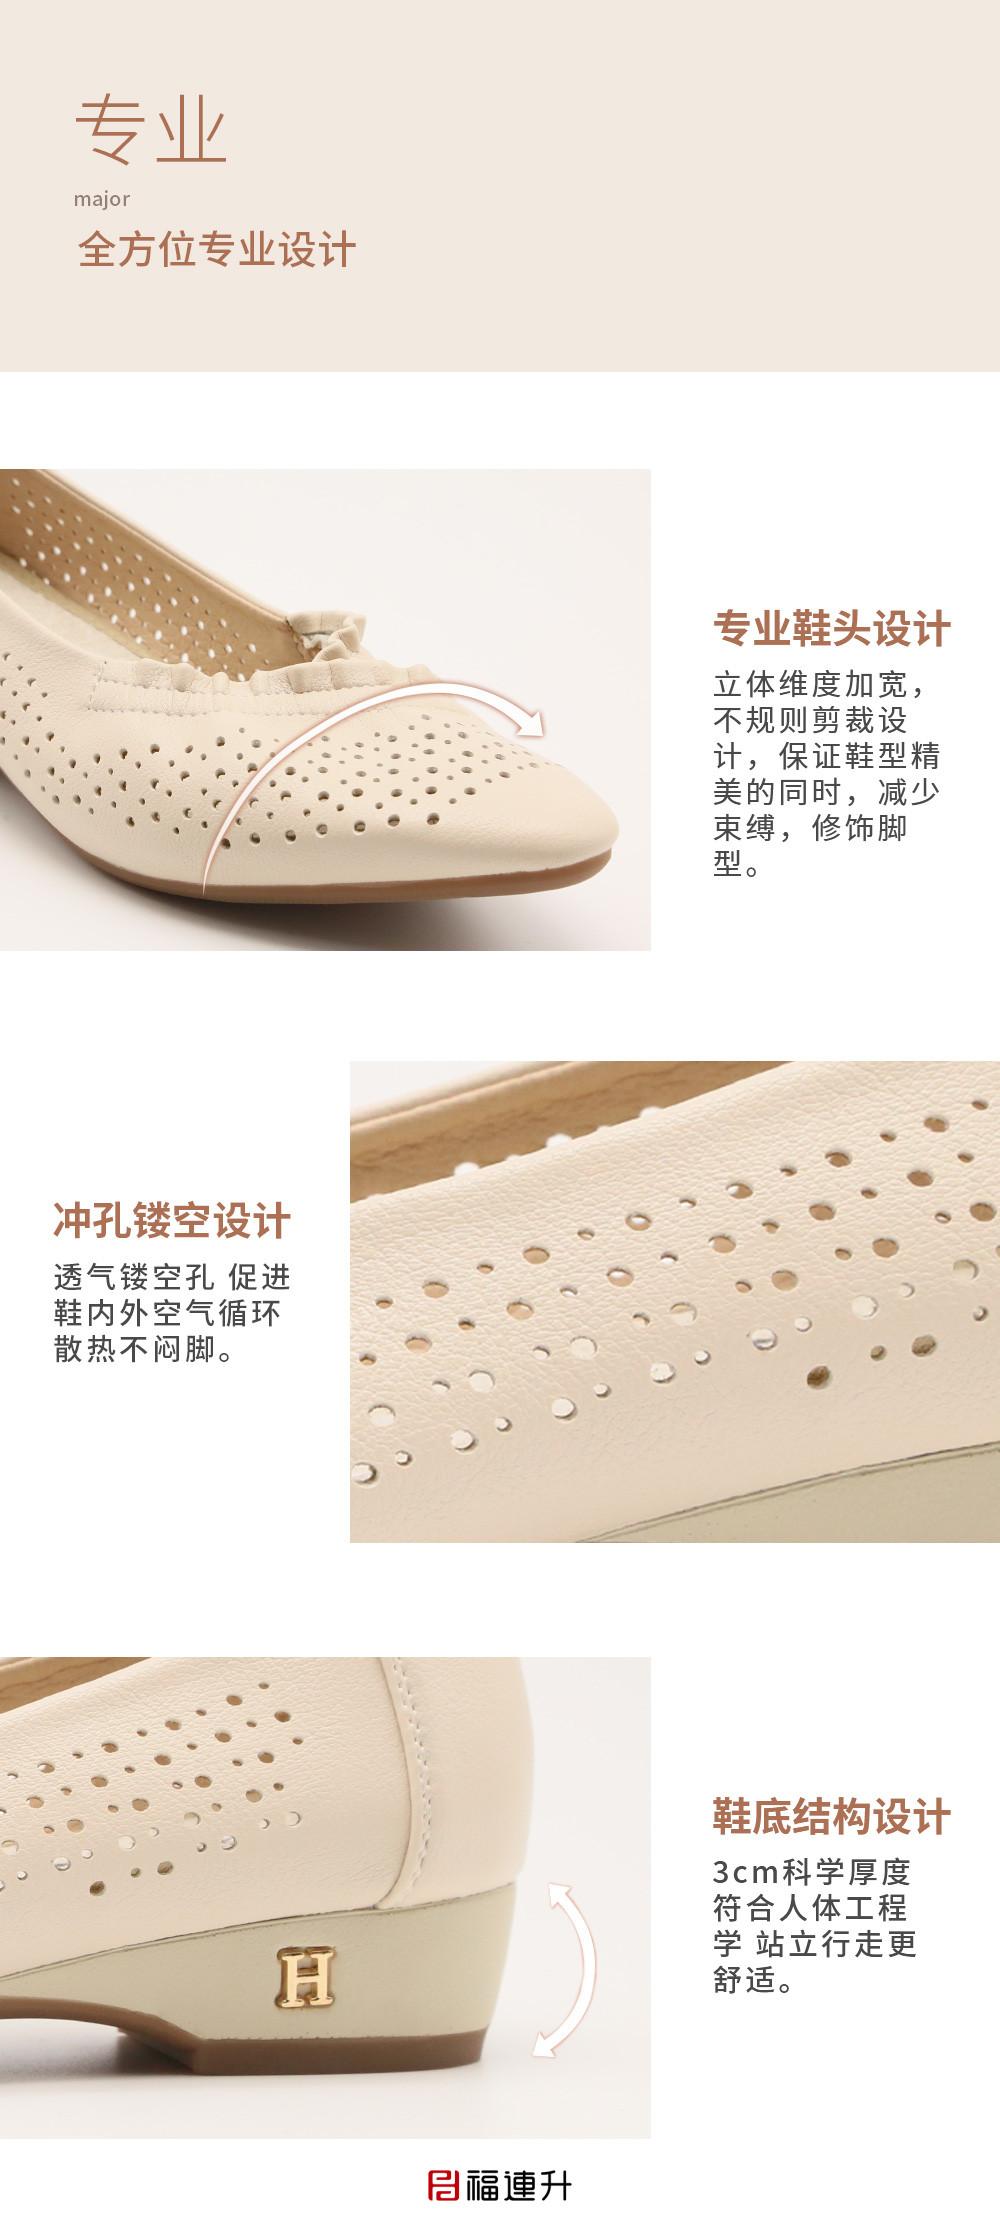 福连升低跟单鞋女夏季镂空女鞋橡胶软底妈妈豆豆鞋子凉鞋图片